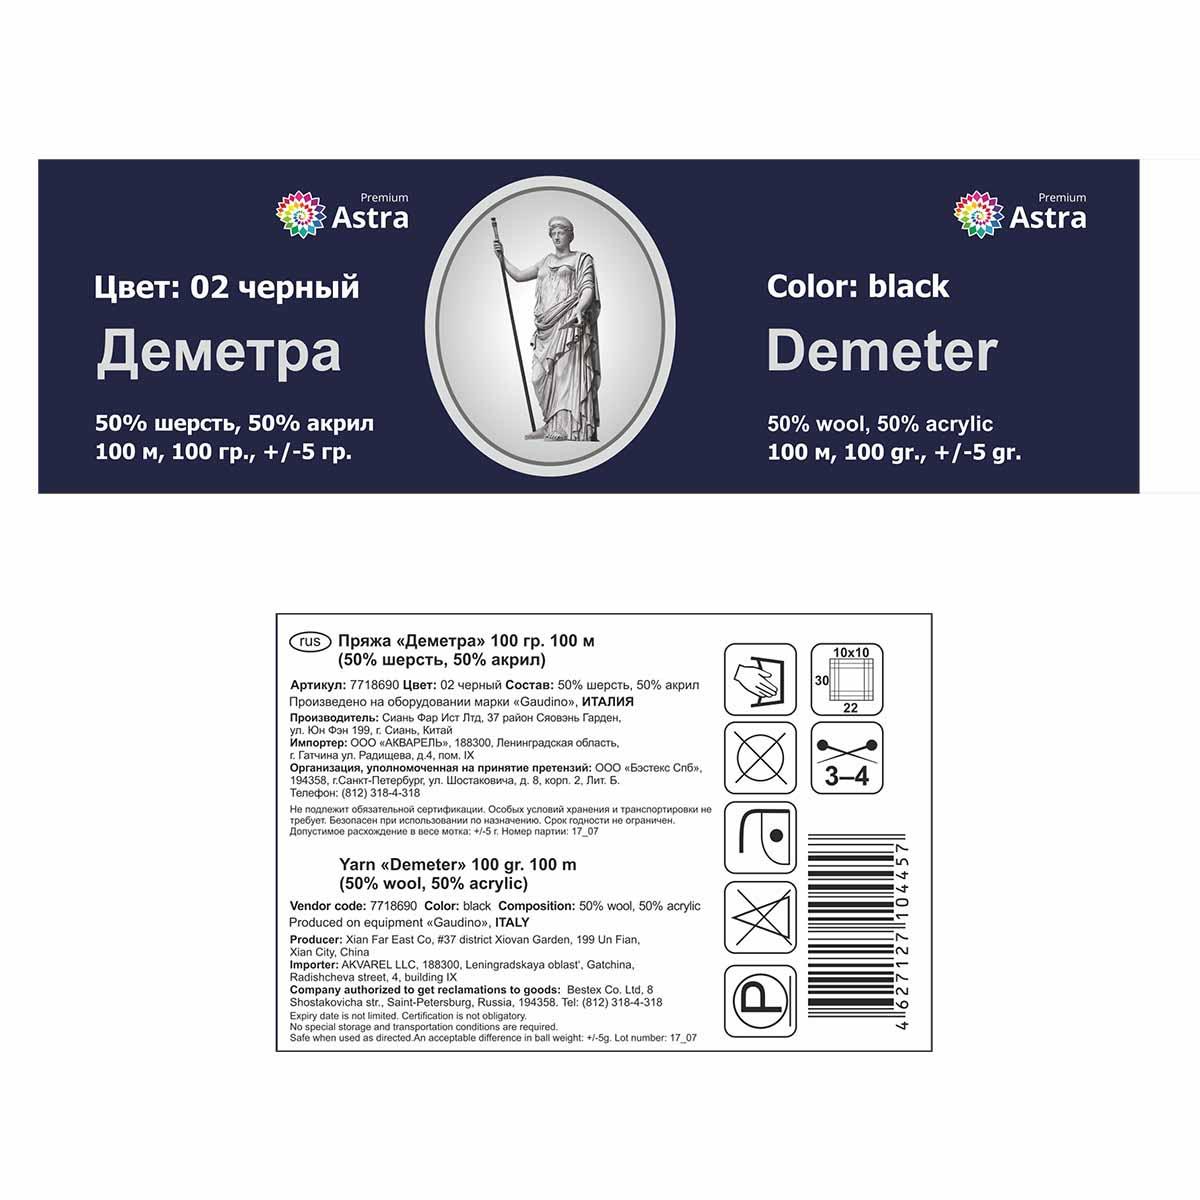 Пряжа Astra Premium 'Деметра' 100гр. 100м (50% шерсть, 50% акрил)